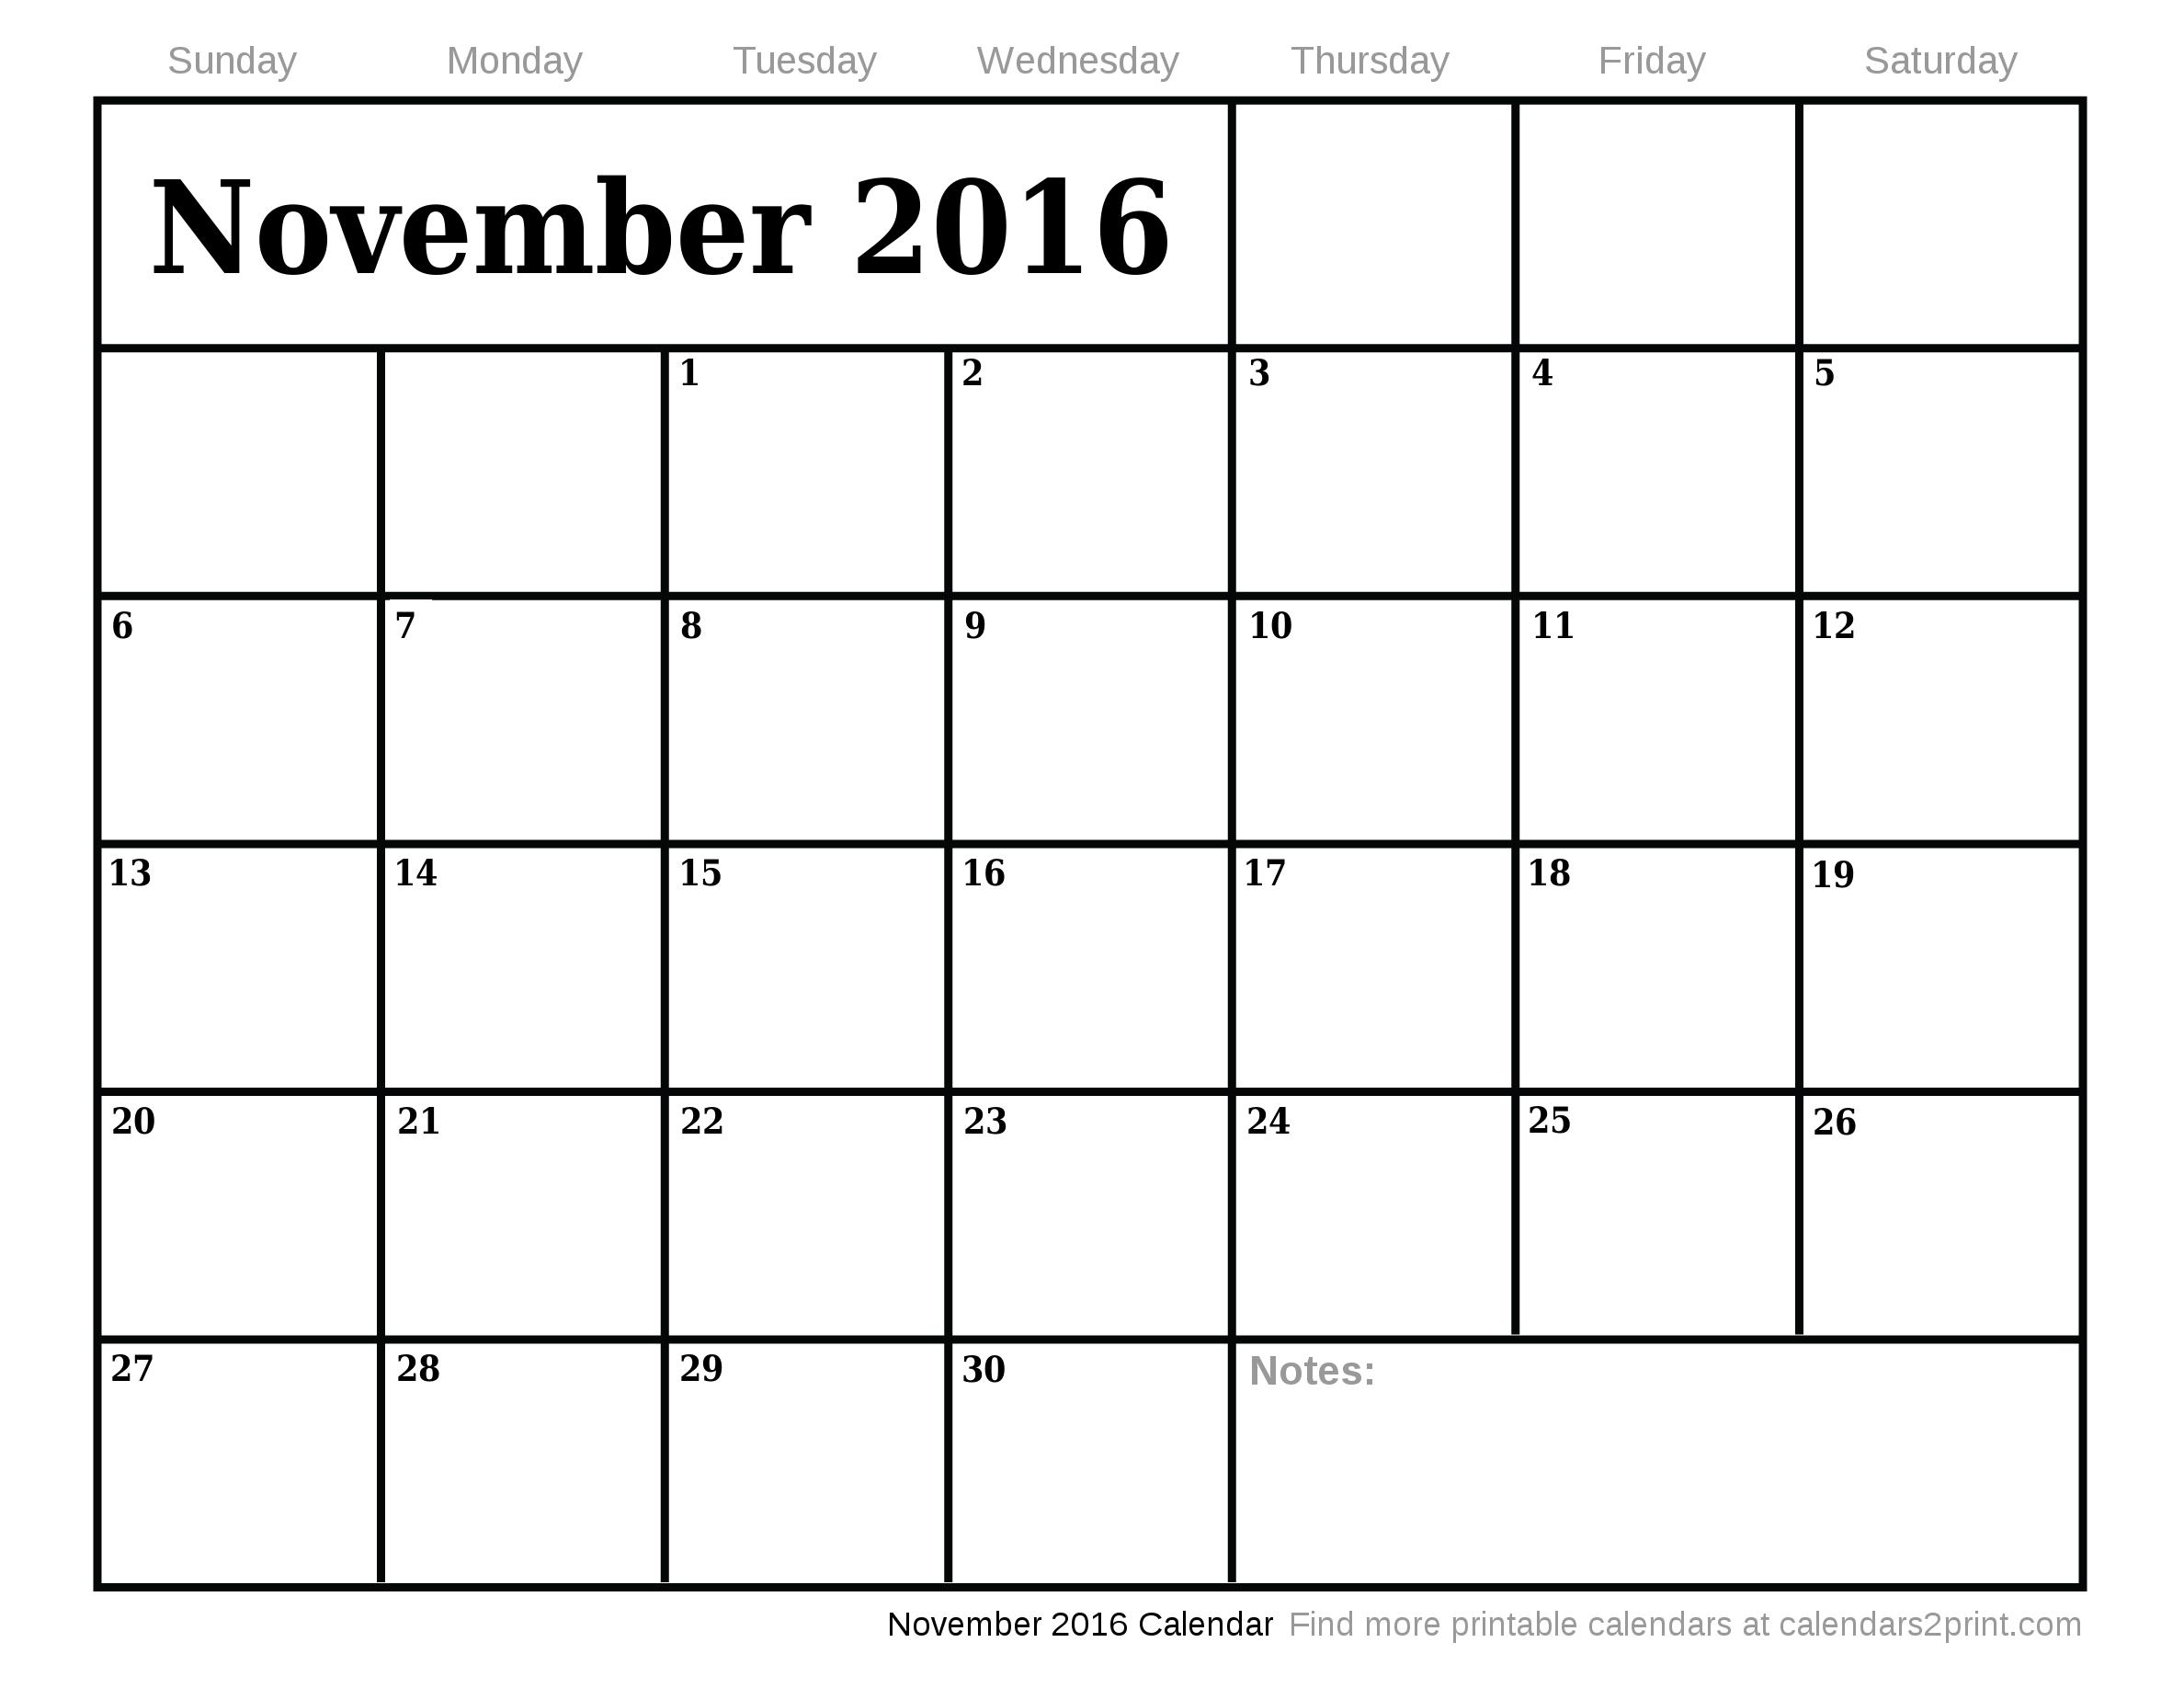 October 2016 Calendar   December 2016 Calendar »